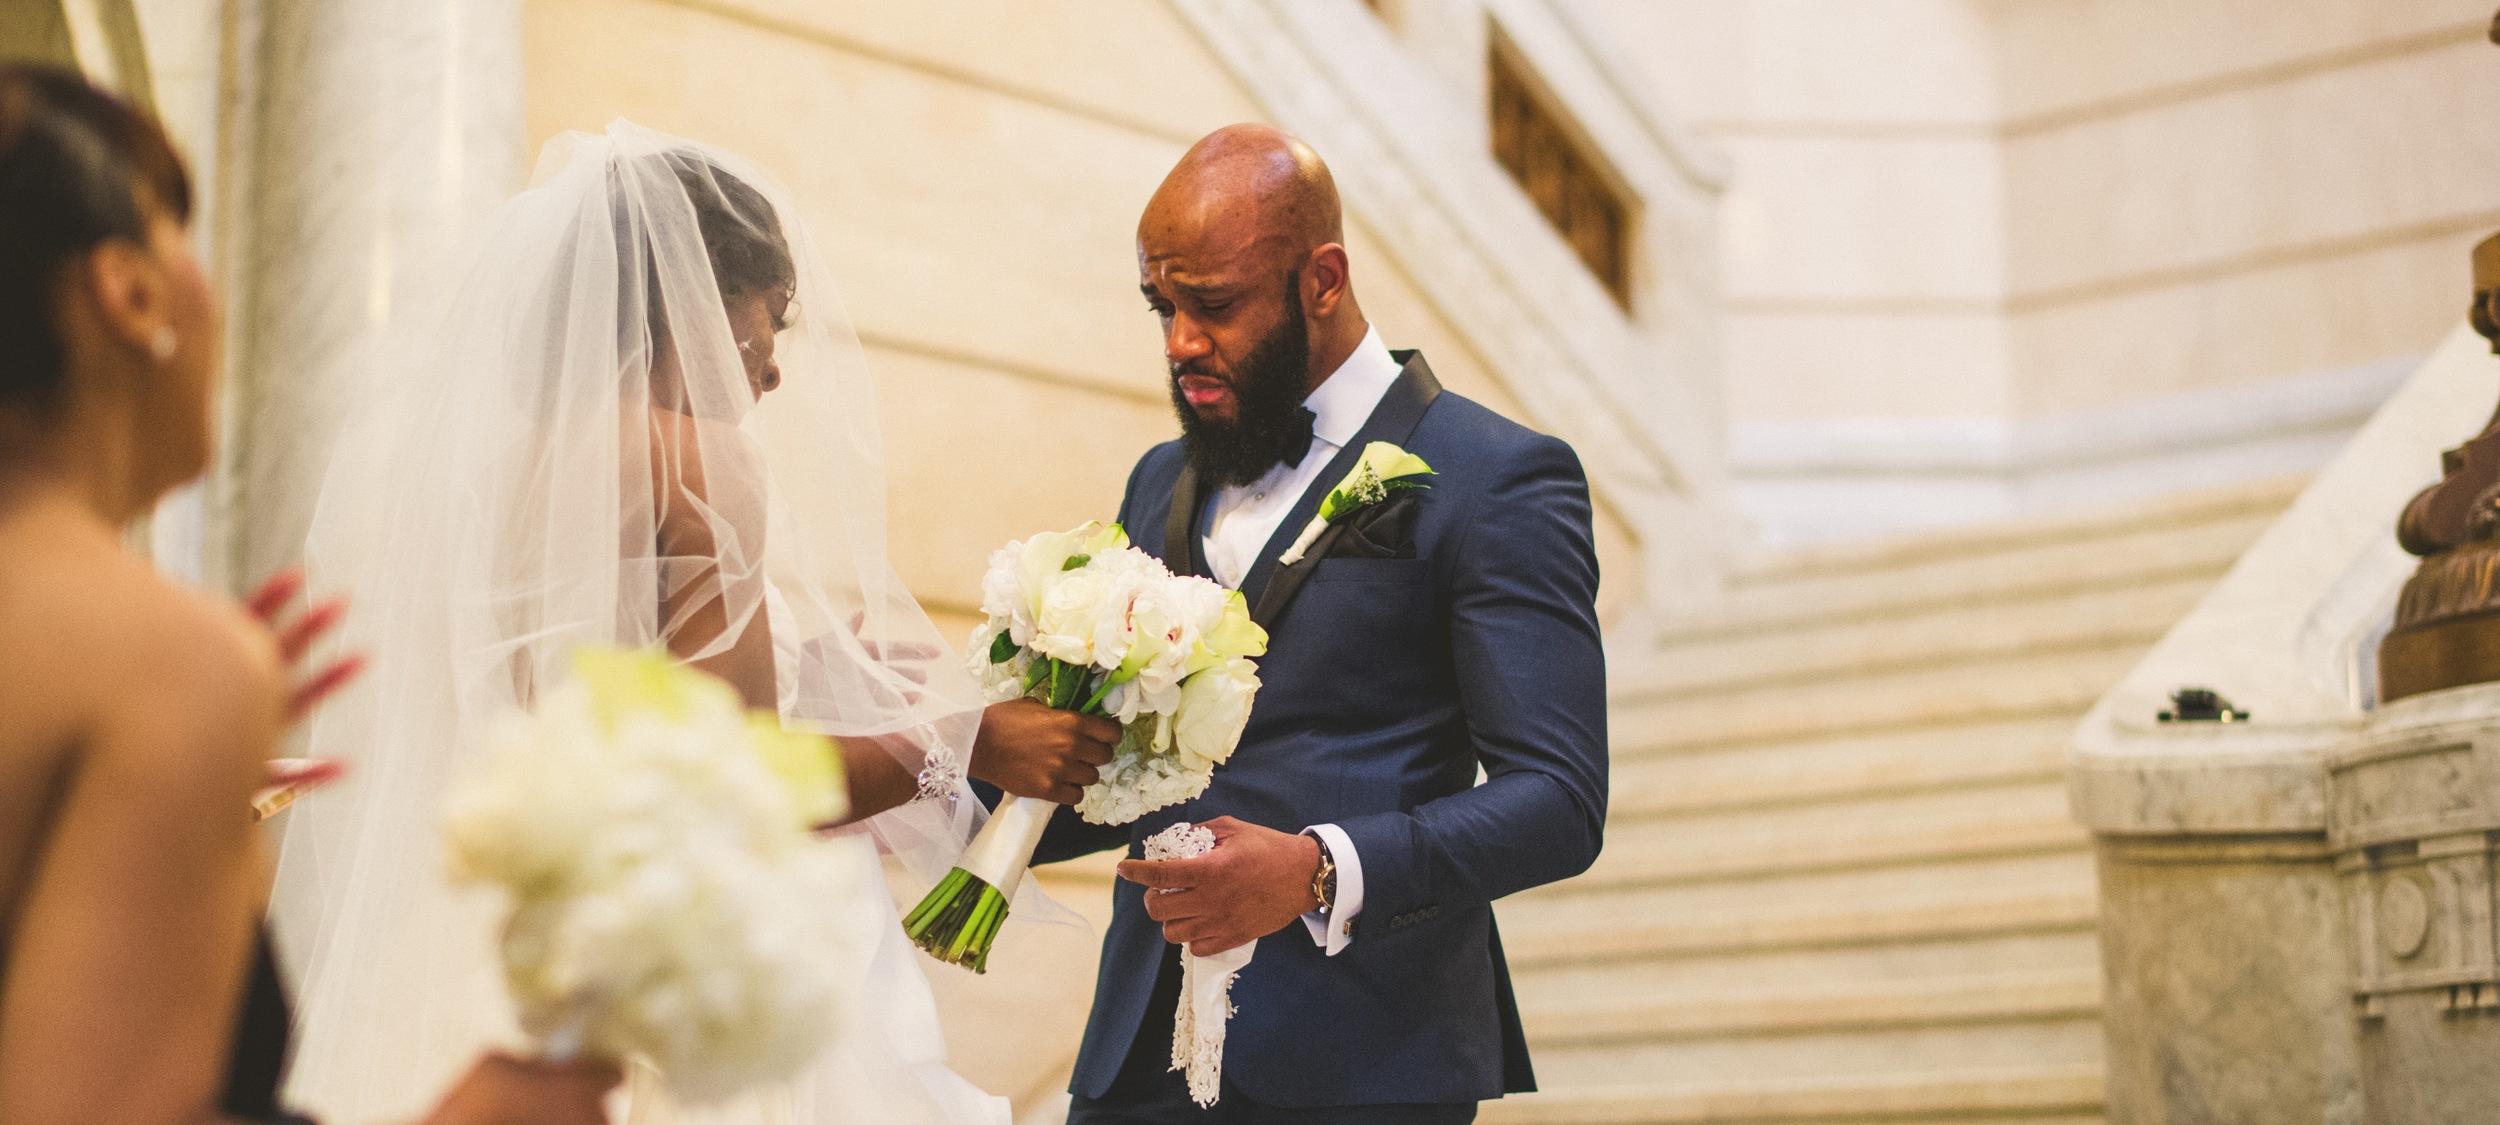 44-emotional-weddings.jpg